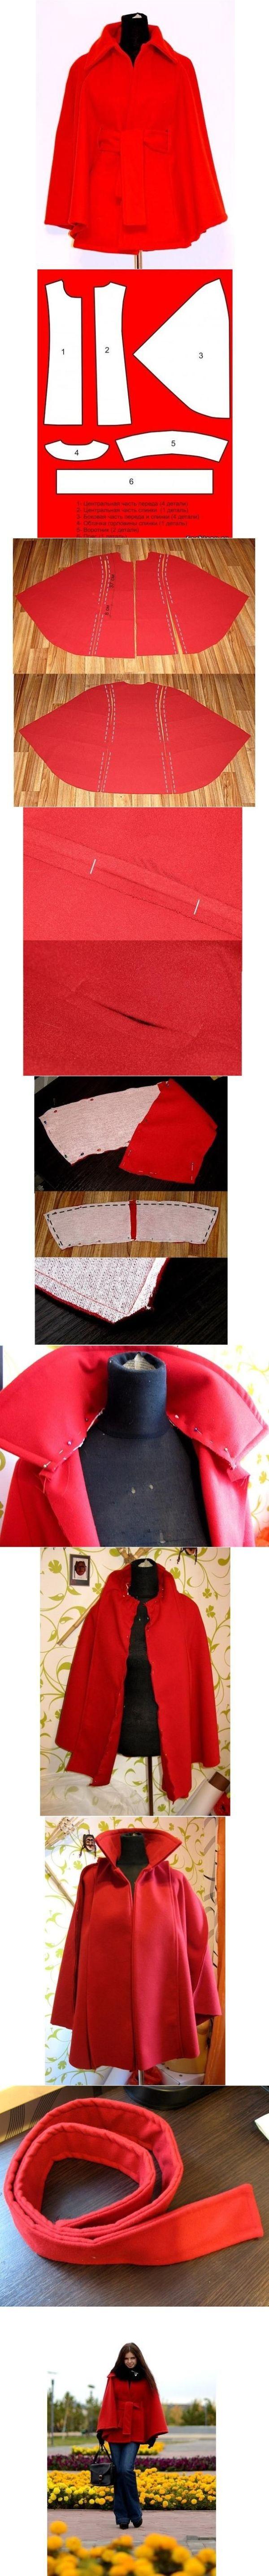 DIY Fashion Cape DIY Fashion Cape by Renadin